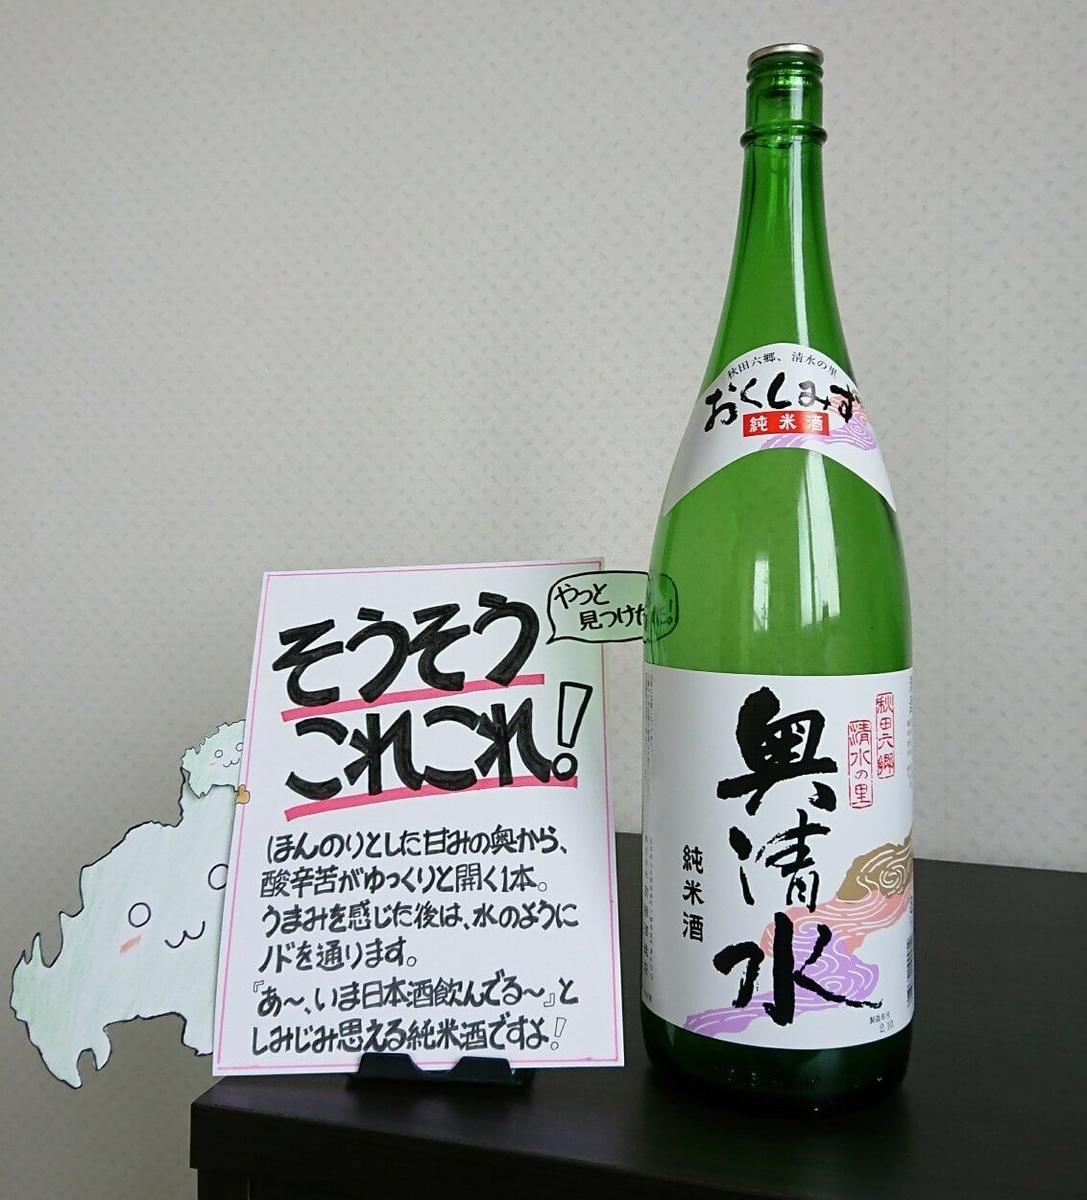 高橋酒造店『奥清水 純米酒』